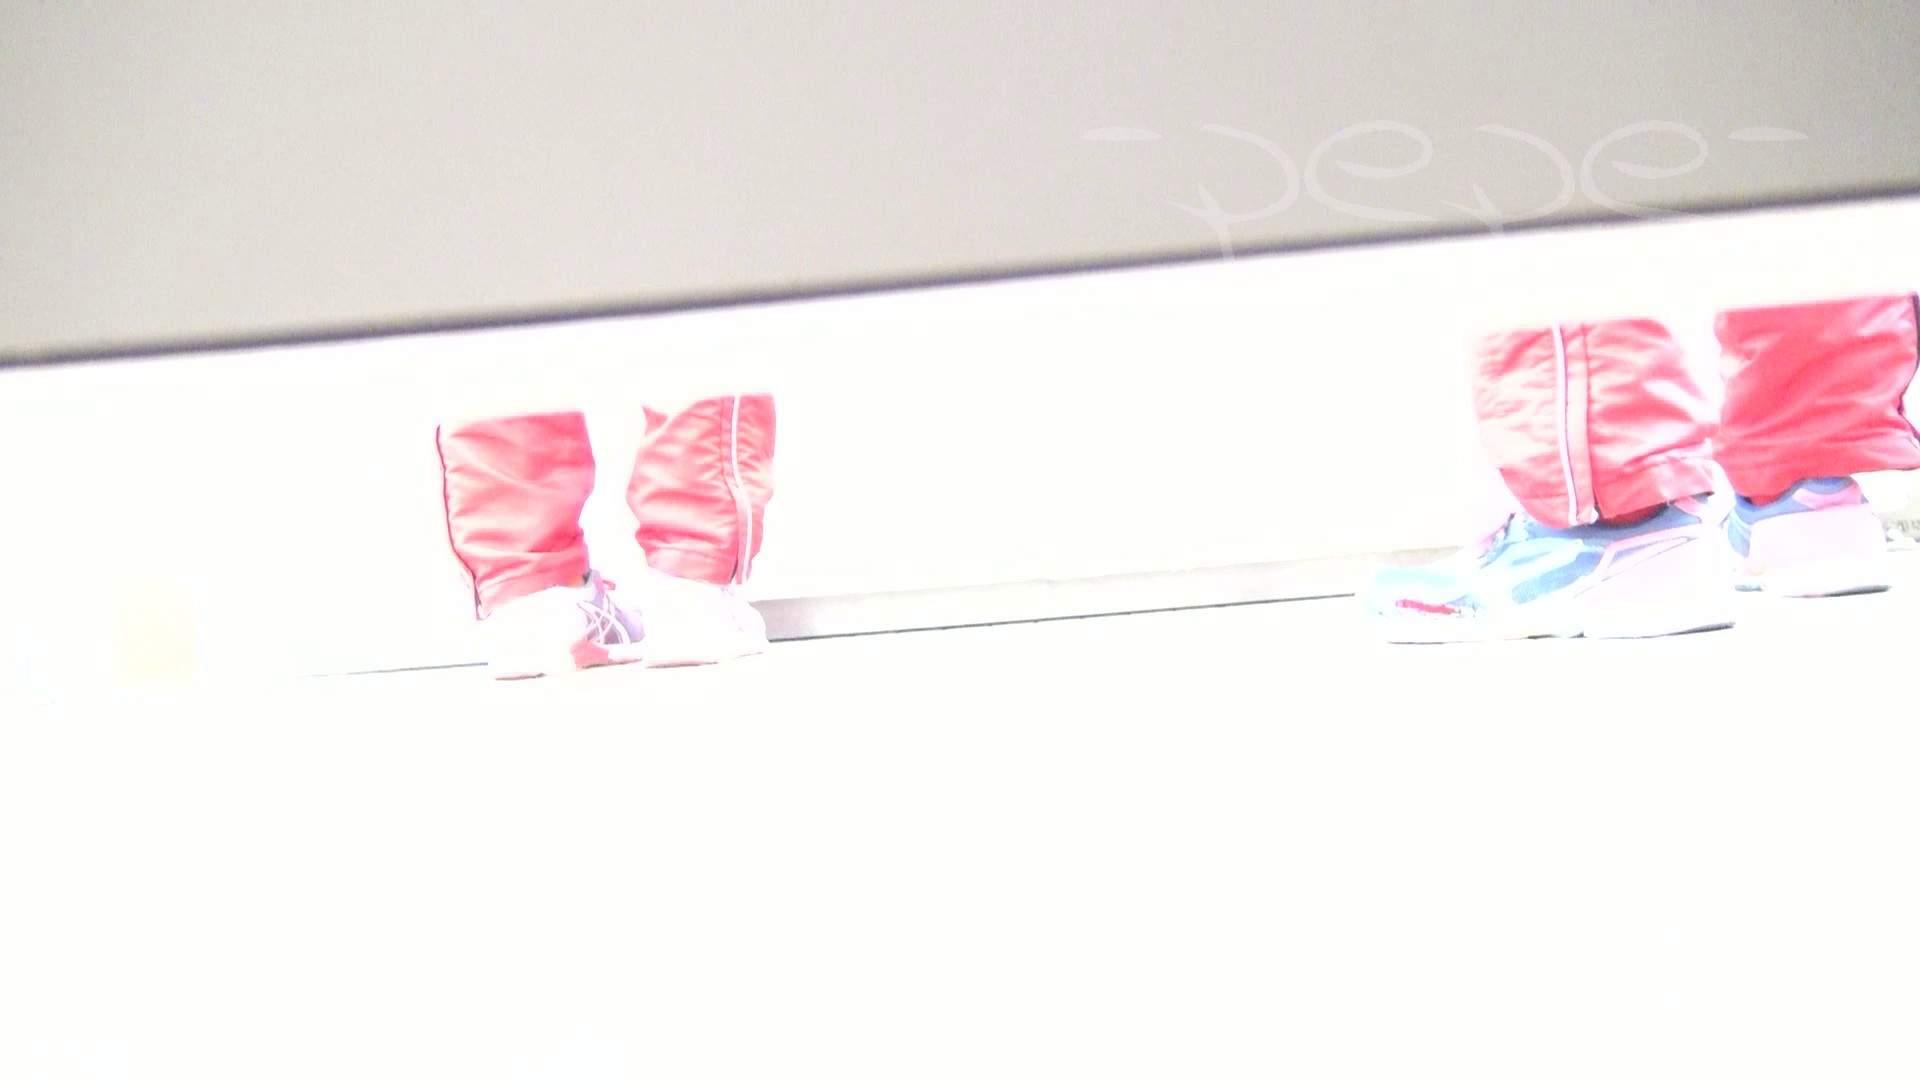 ハメ撮り|▲期間限定D▲至高洗面所盗撮 25 至高下方撮りちょいと2カメ!!03|怪盗ジョーカー